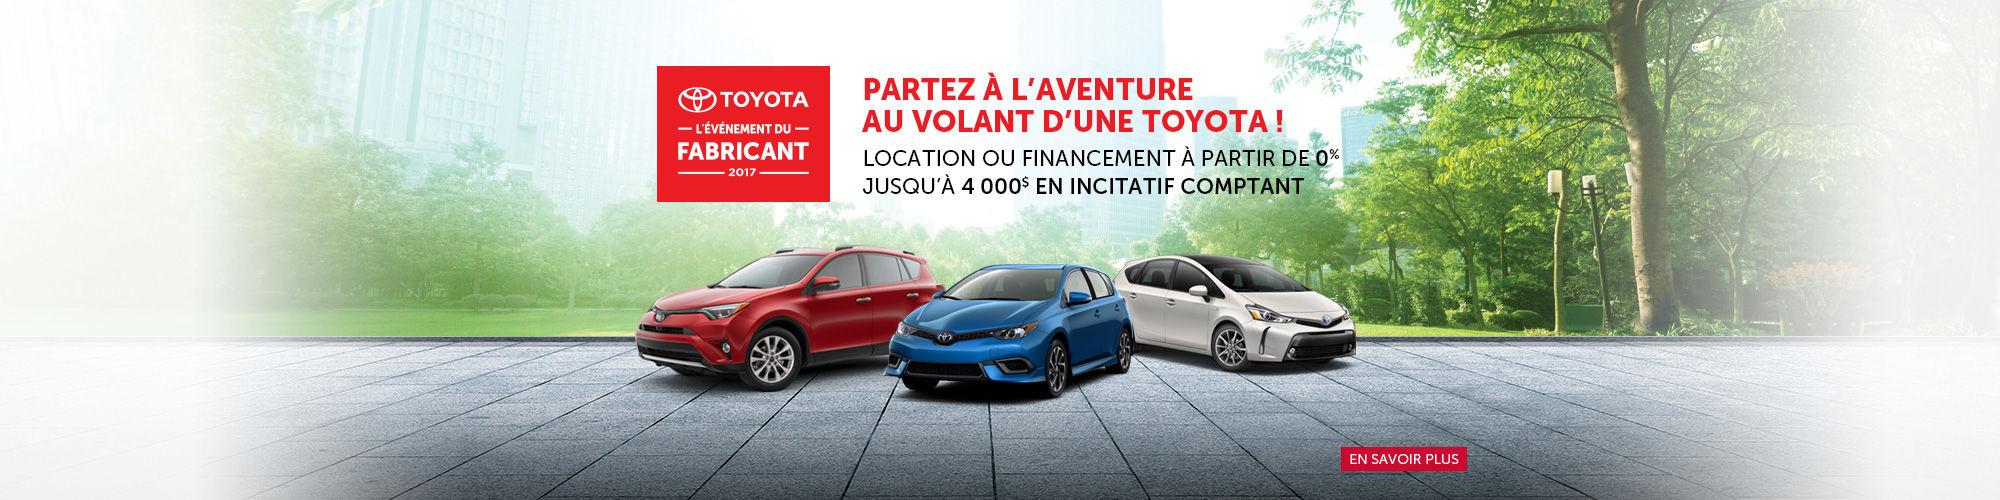 Profitez de L'Événement du Fabricant Toyota